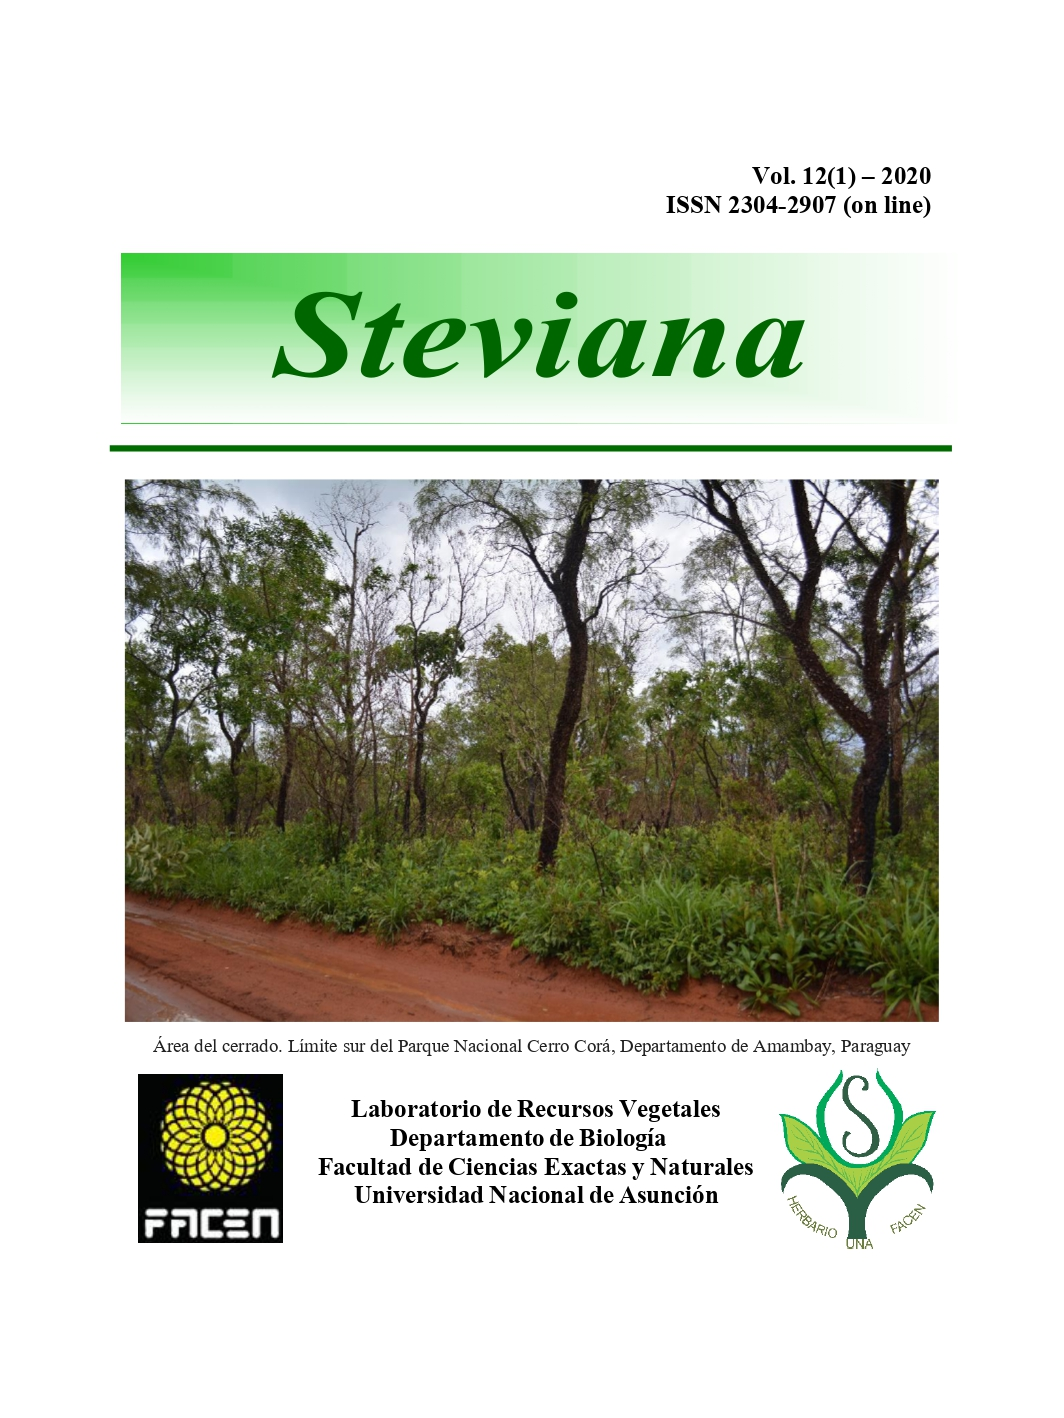 Ver Vol. 12 (2020): Steviana